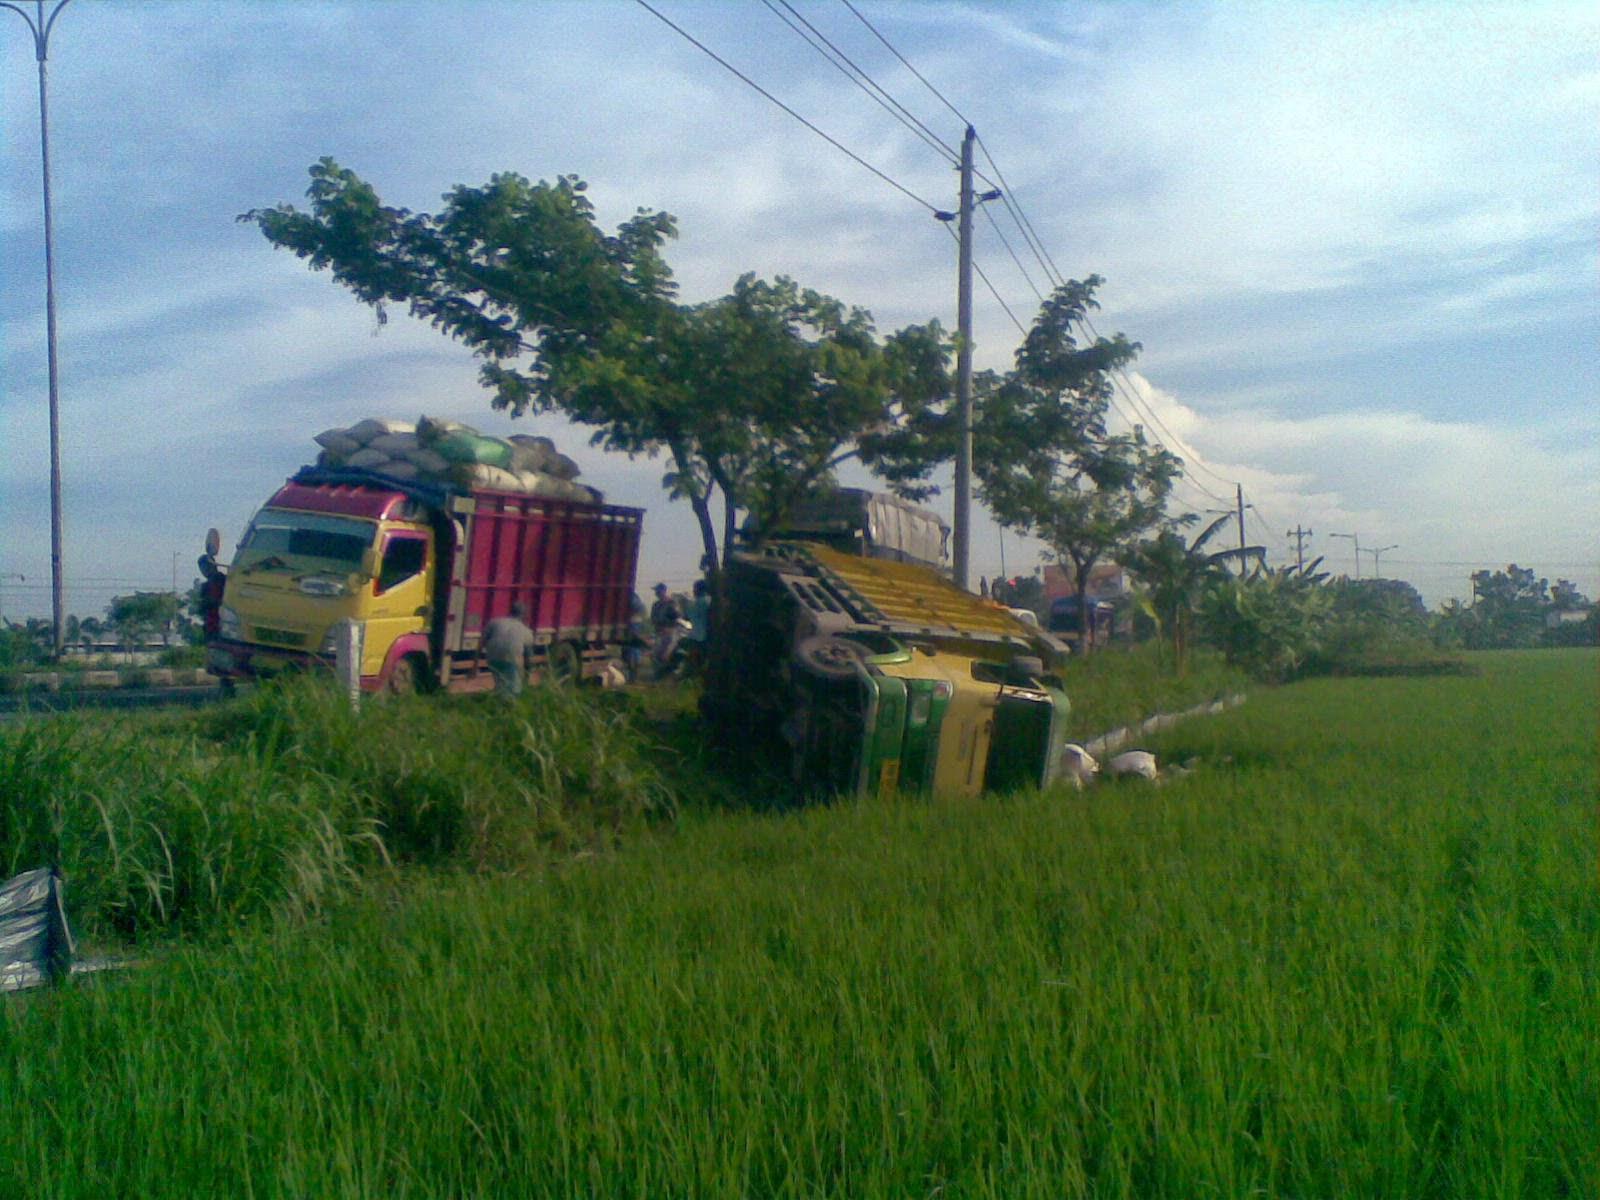 Kecelakaan tunggal truk tronton di jalur lingkar pati